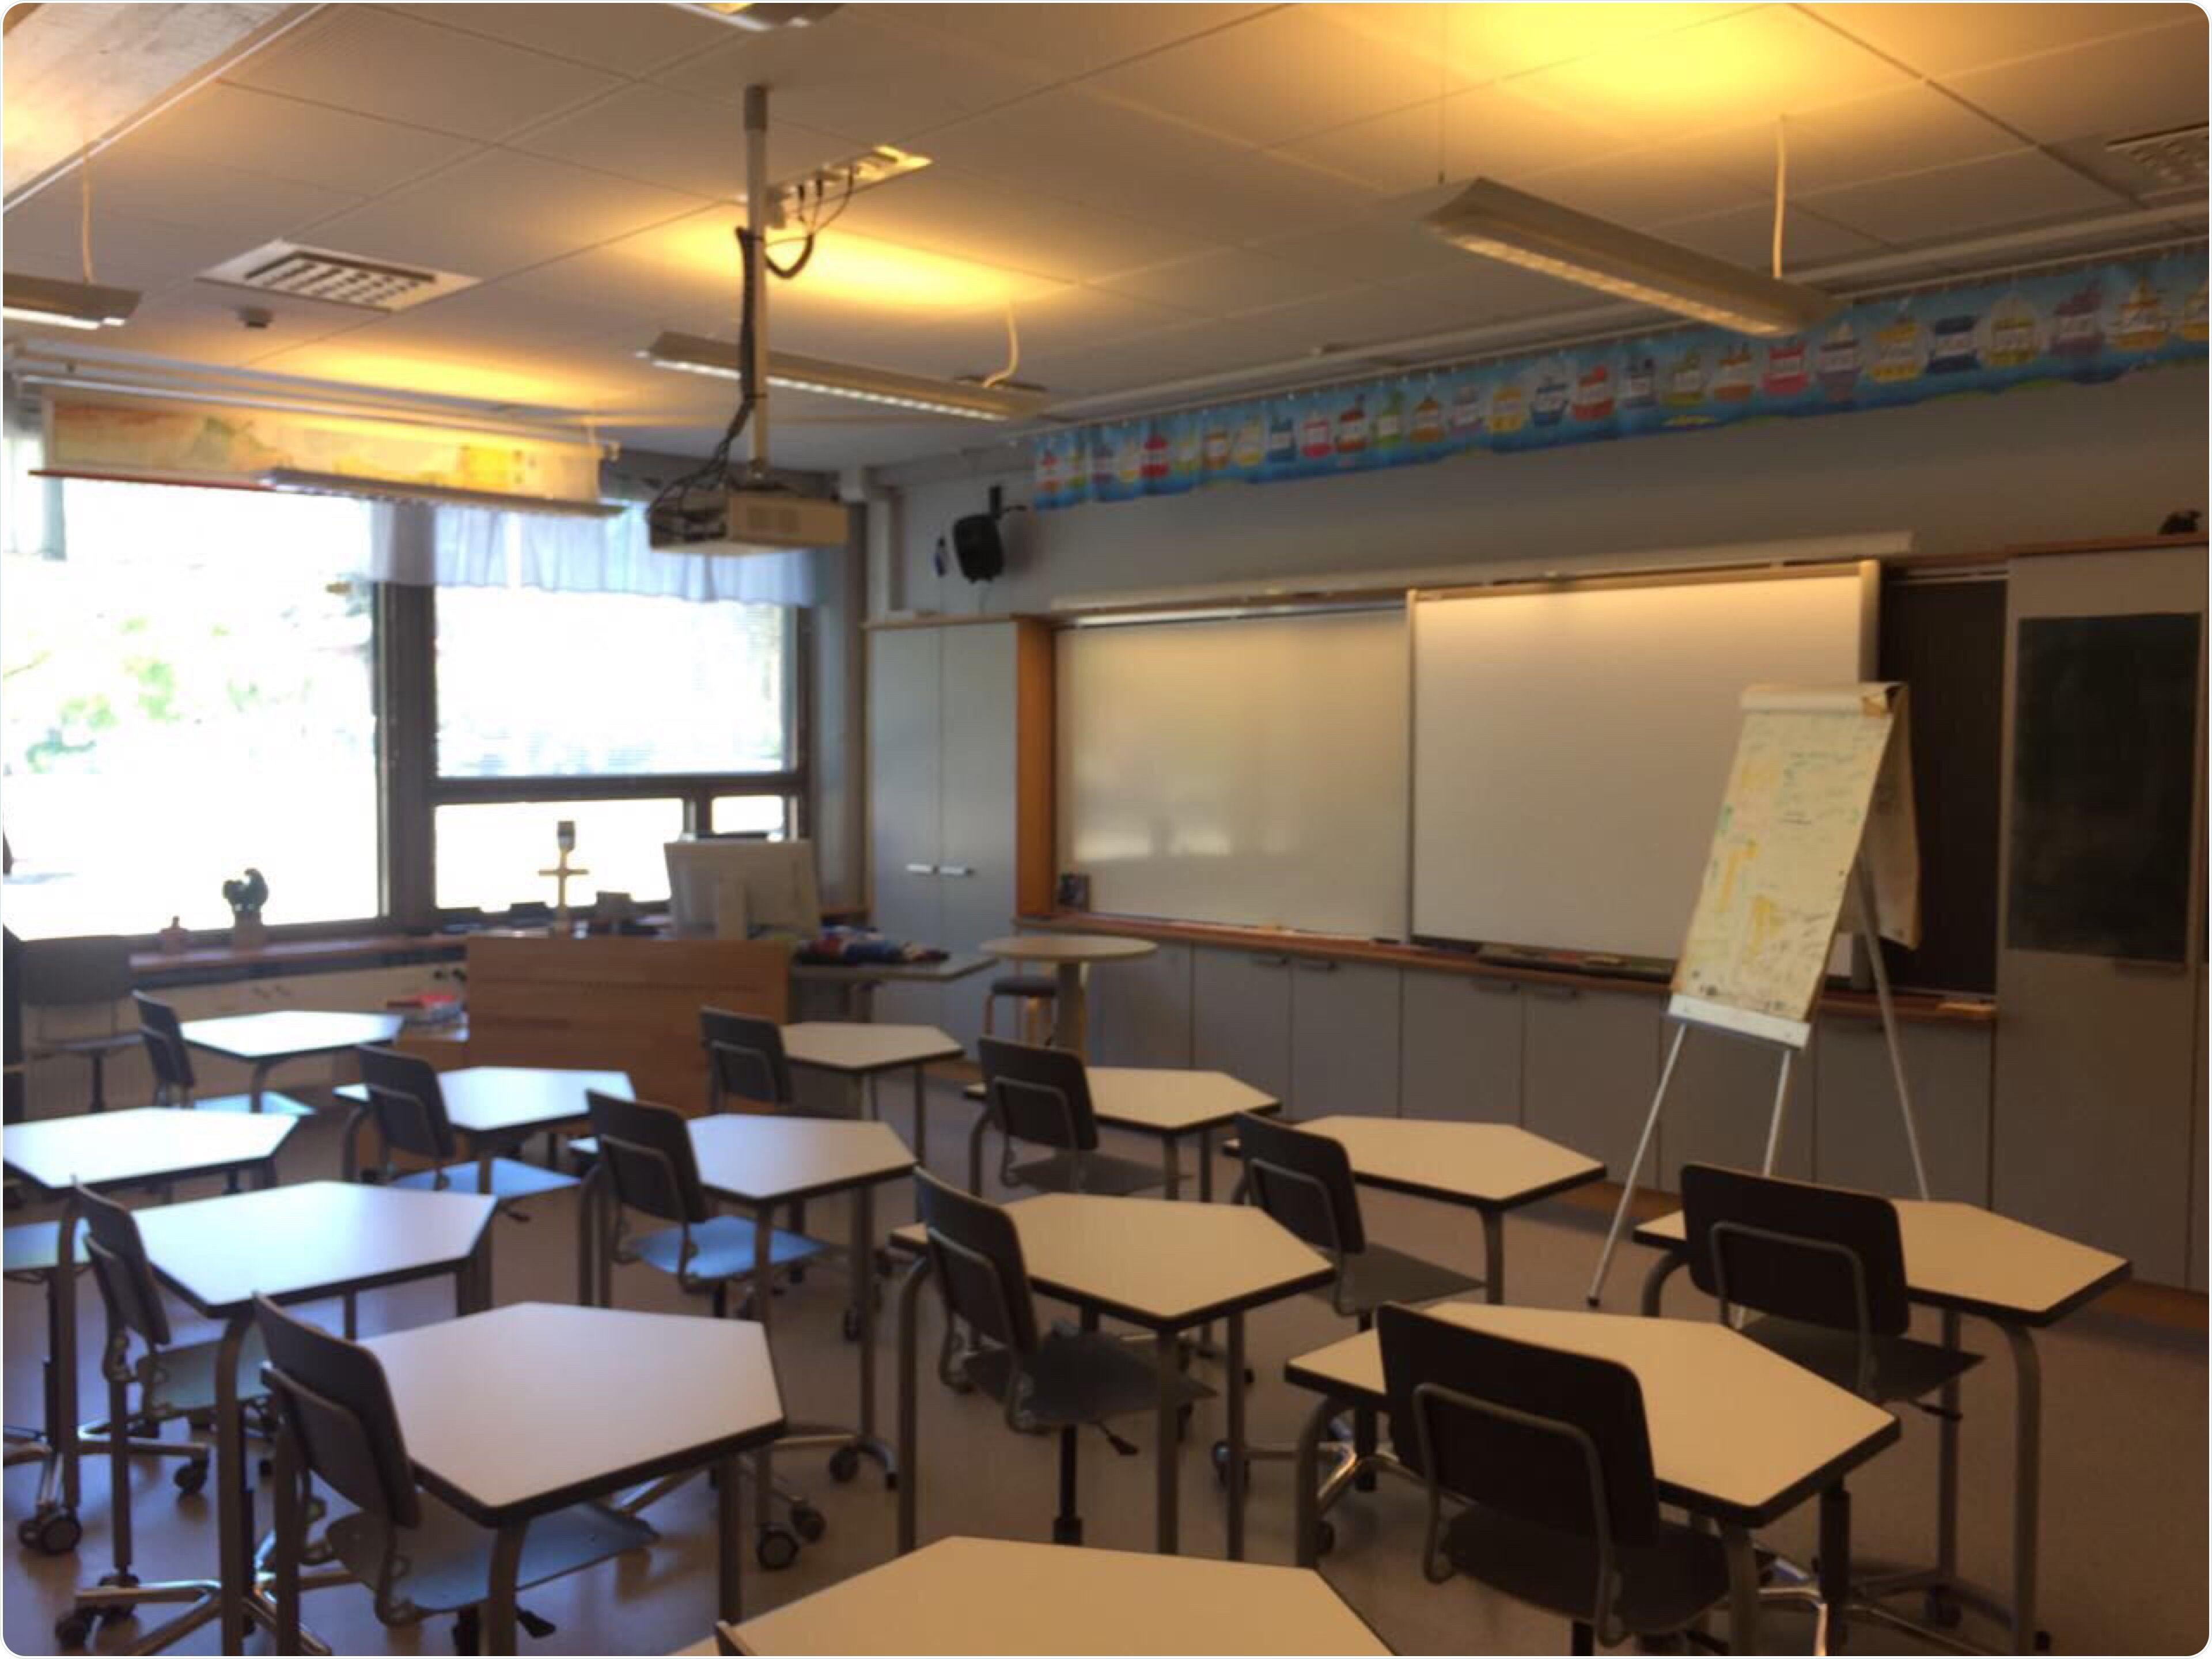 Various Models Of Classrooms In Finnish Schools Teachers Training School In Joensuu نماذج متنوعة للفصول الدراسية في ال Home Home Decor Conference Room Table